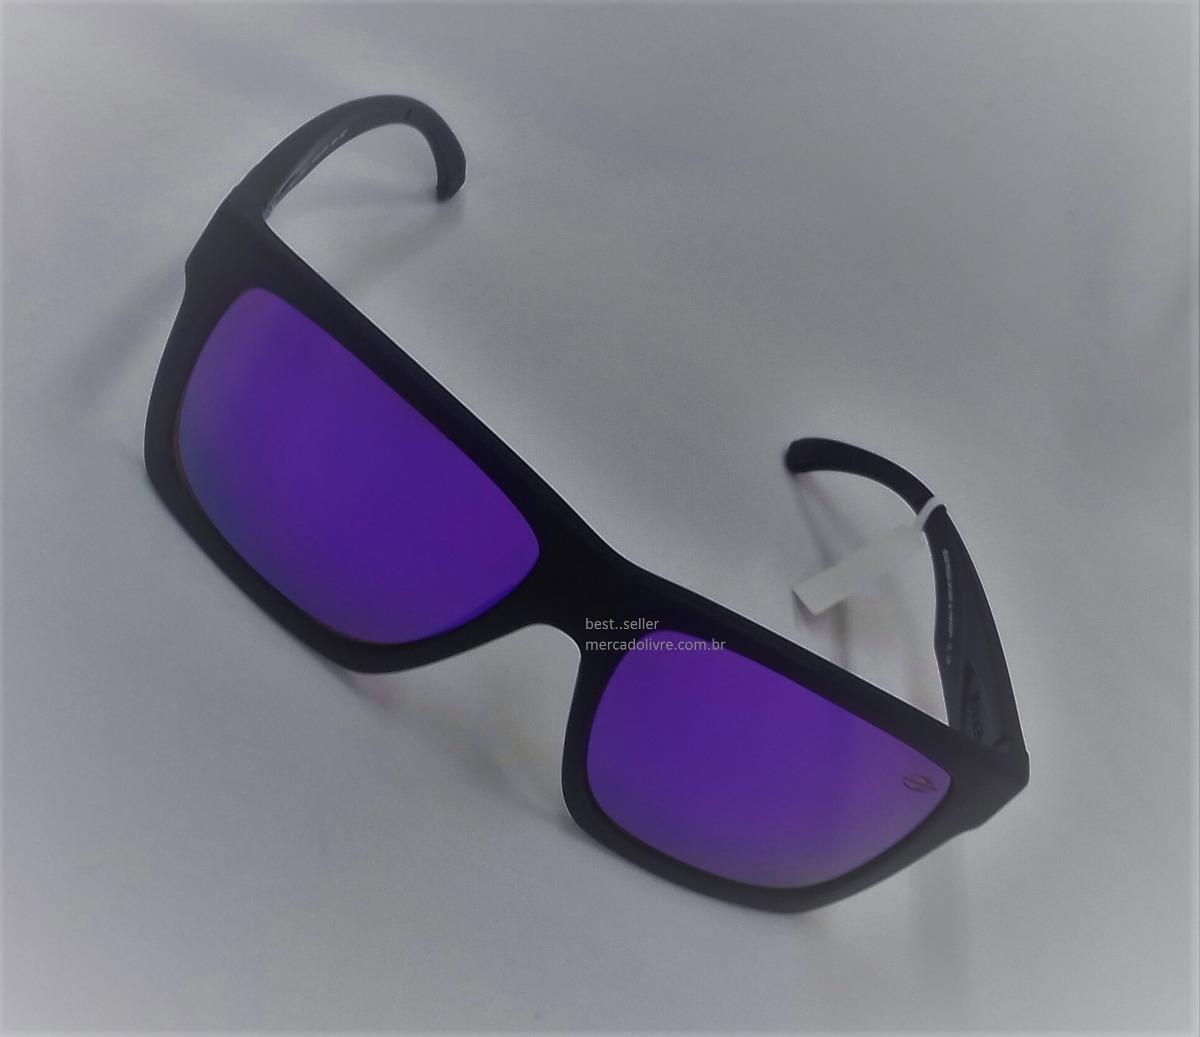 500781356dedc óculos sol solar mormaii san diego preto revo roxo espelhado. Carregando  zoom.